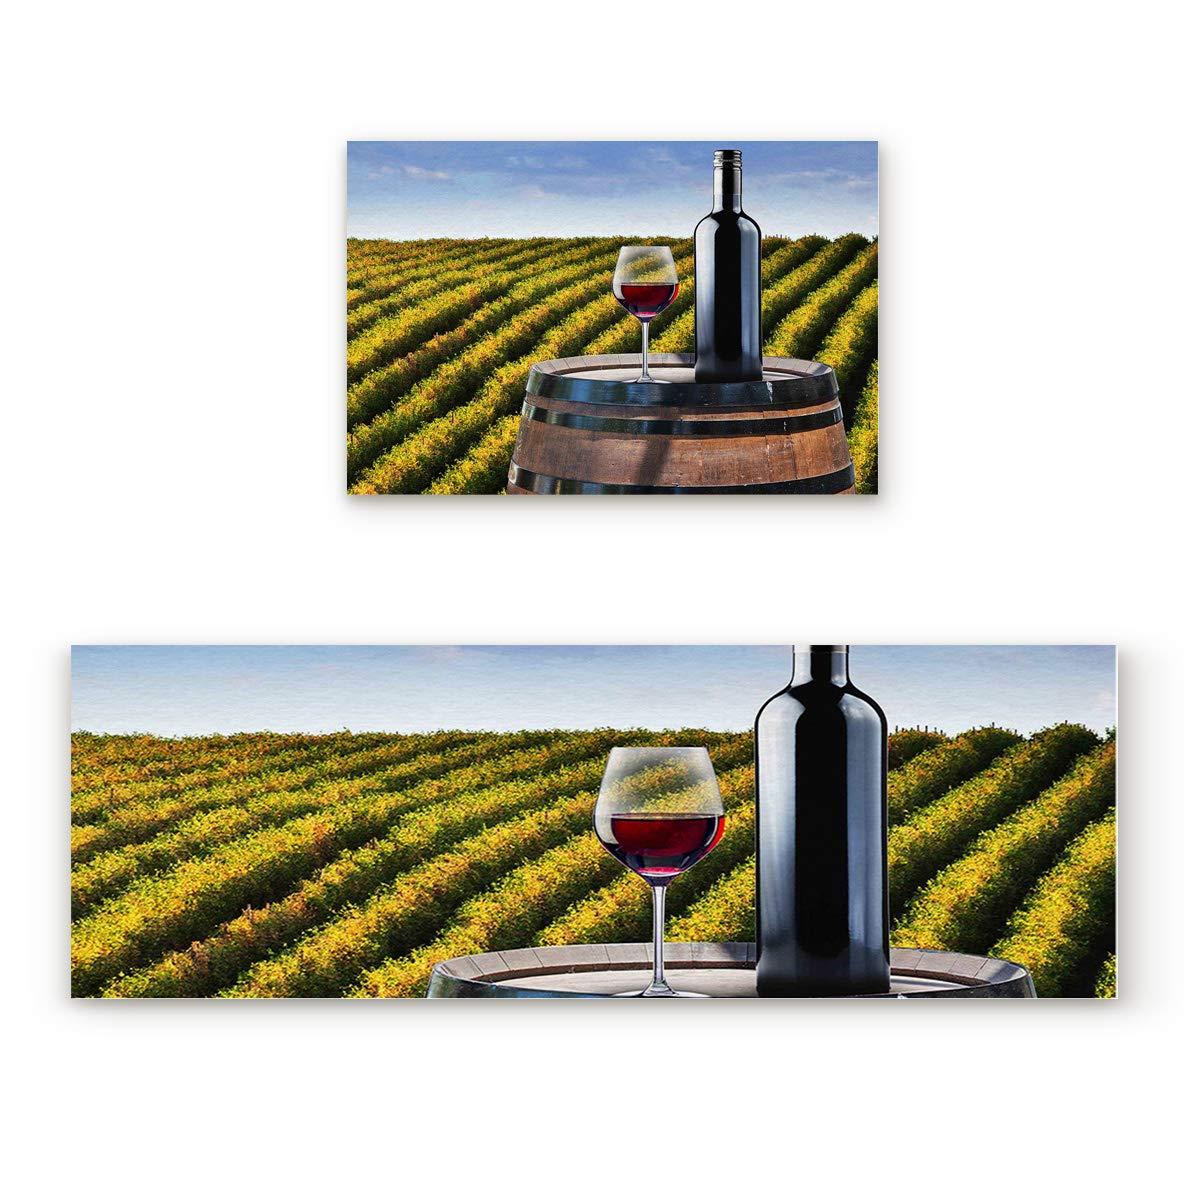 """Prime Leader 2 Piece Non-Slip Kitchen Mat Runner Rug Set Doormat Wine Farm Door Mats Rubber Backing Carpet Indoor Floor Mat (23.6"""" x 35.4""""+23.6"""" x 70.9"""")"""